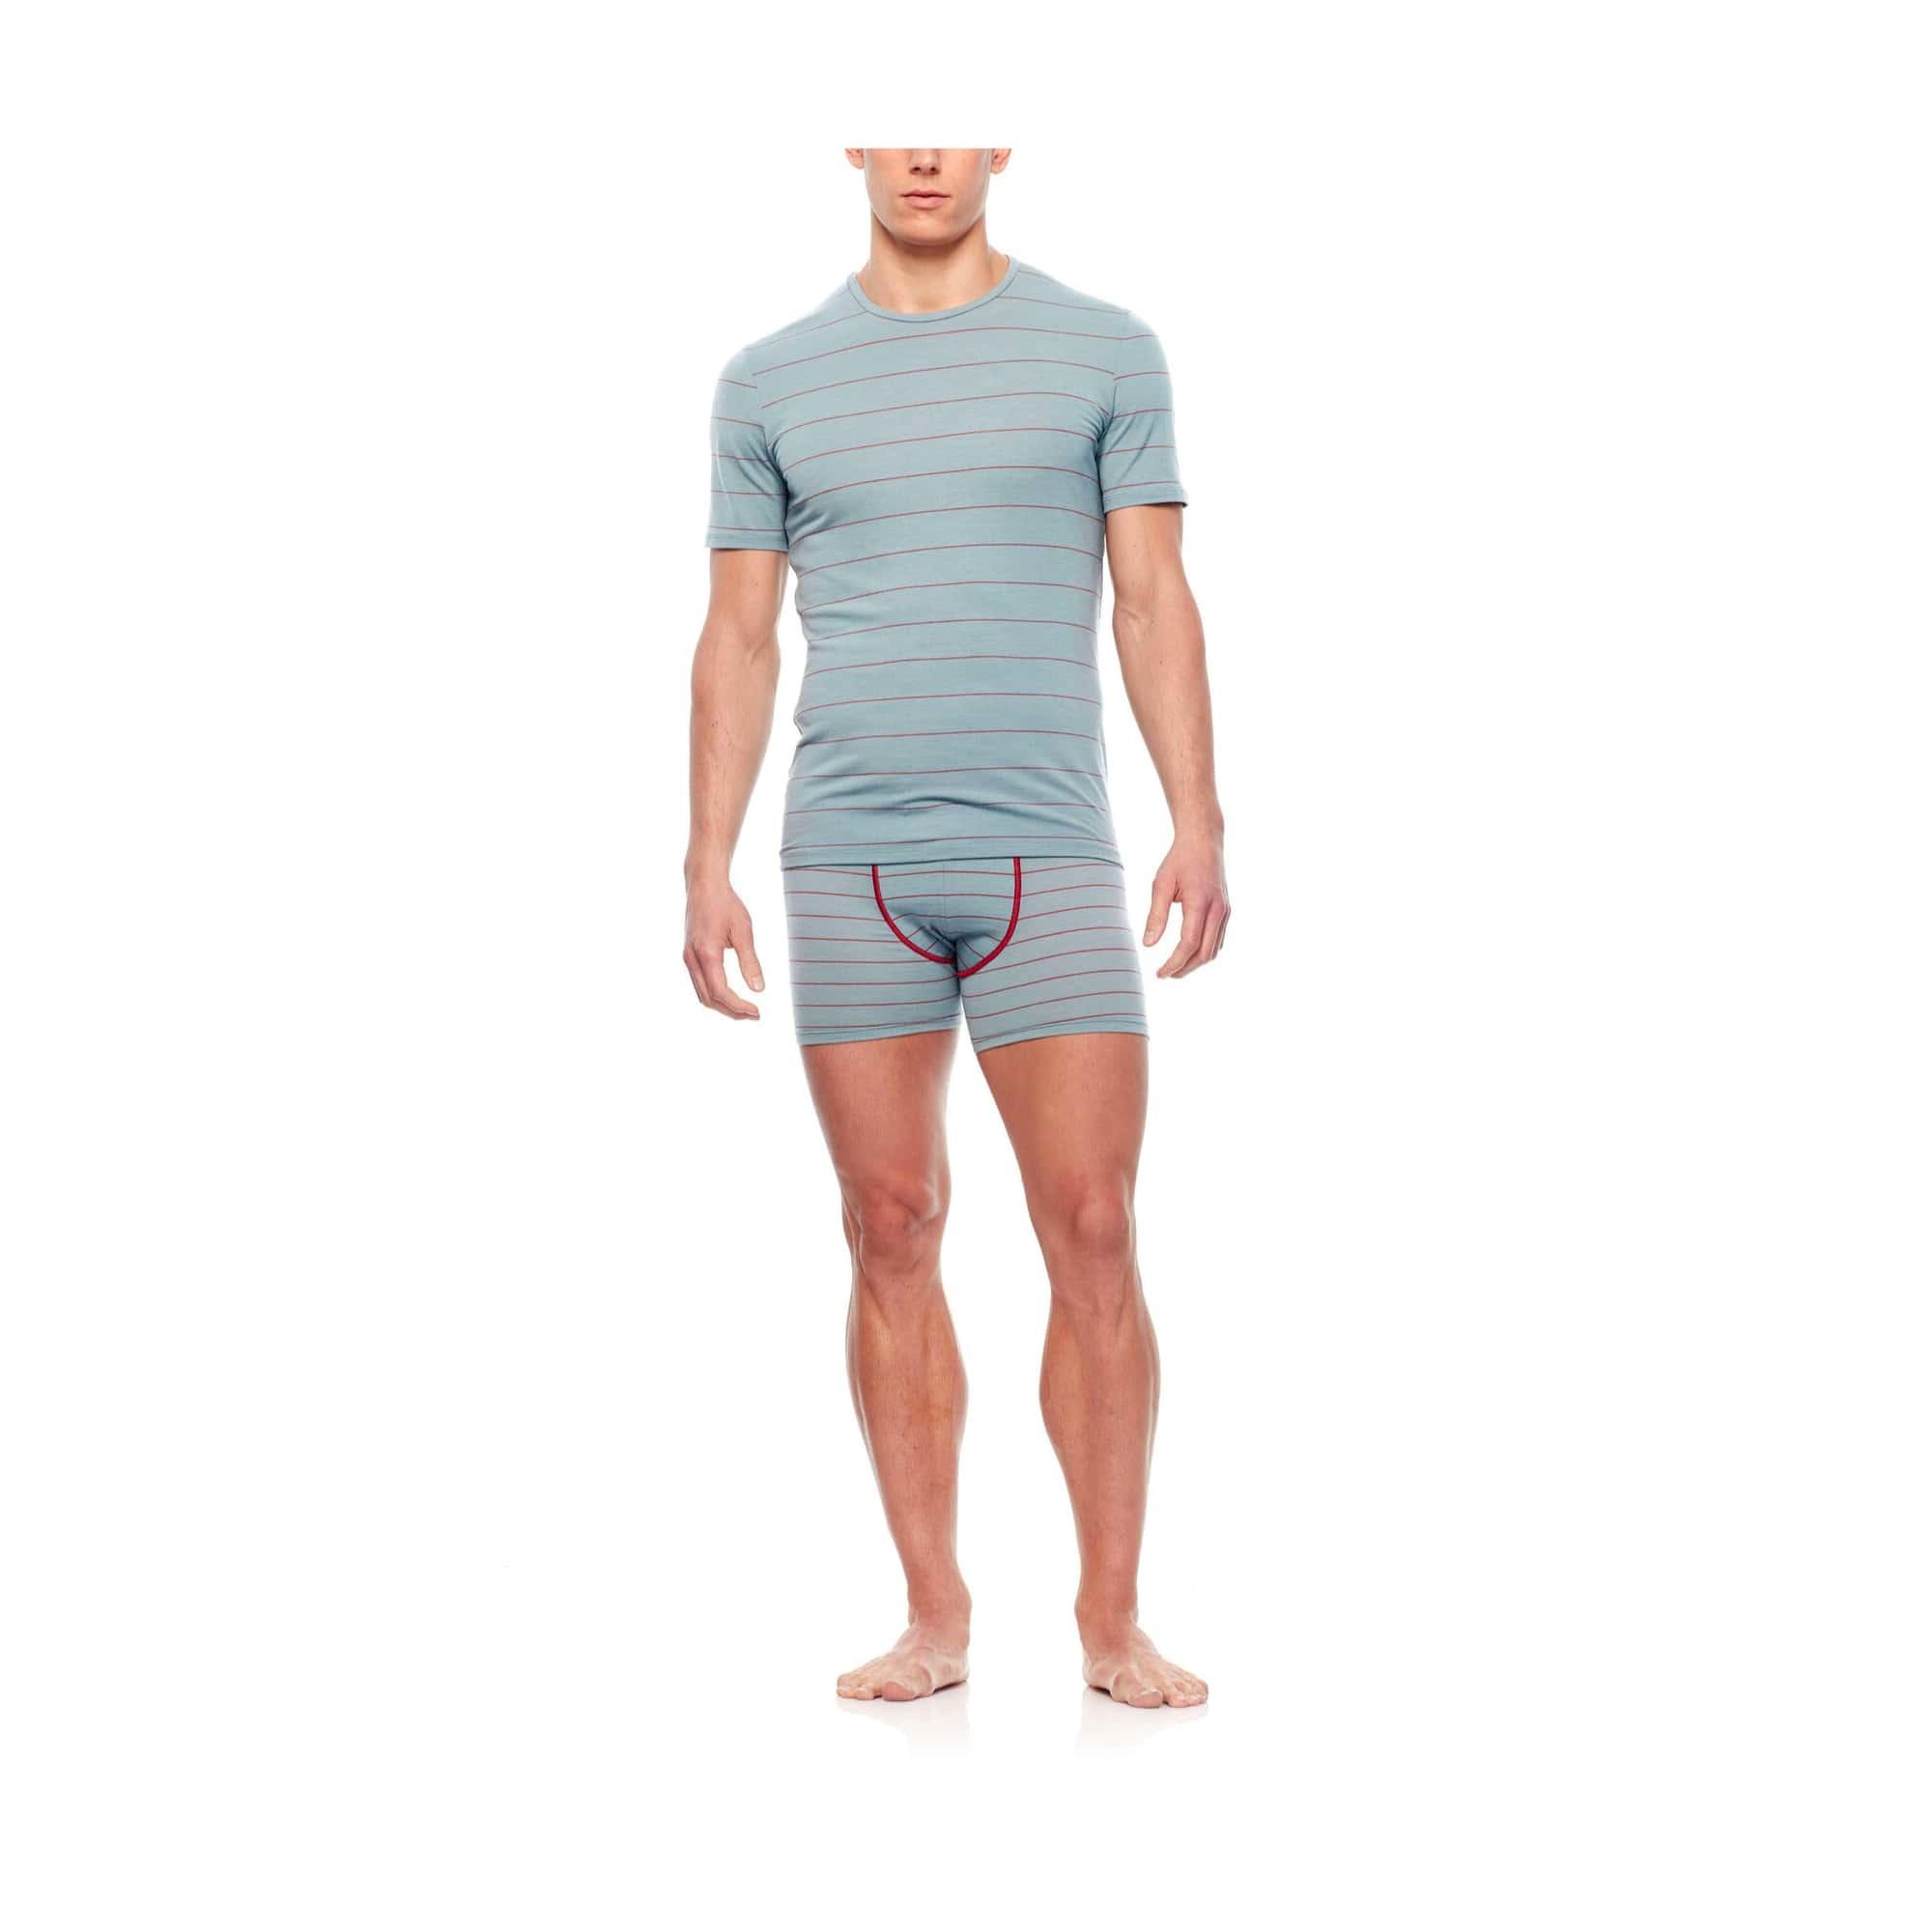 Men's Anatomica Short Sleeve Crewe-4